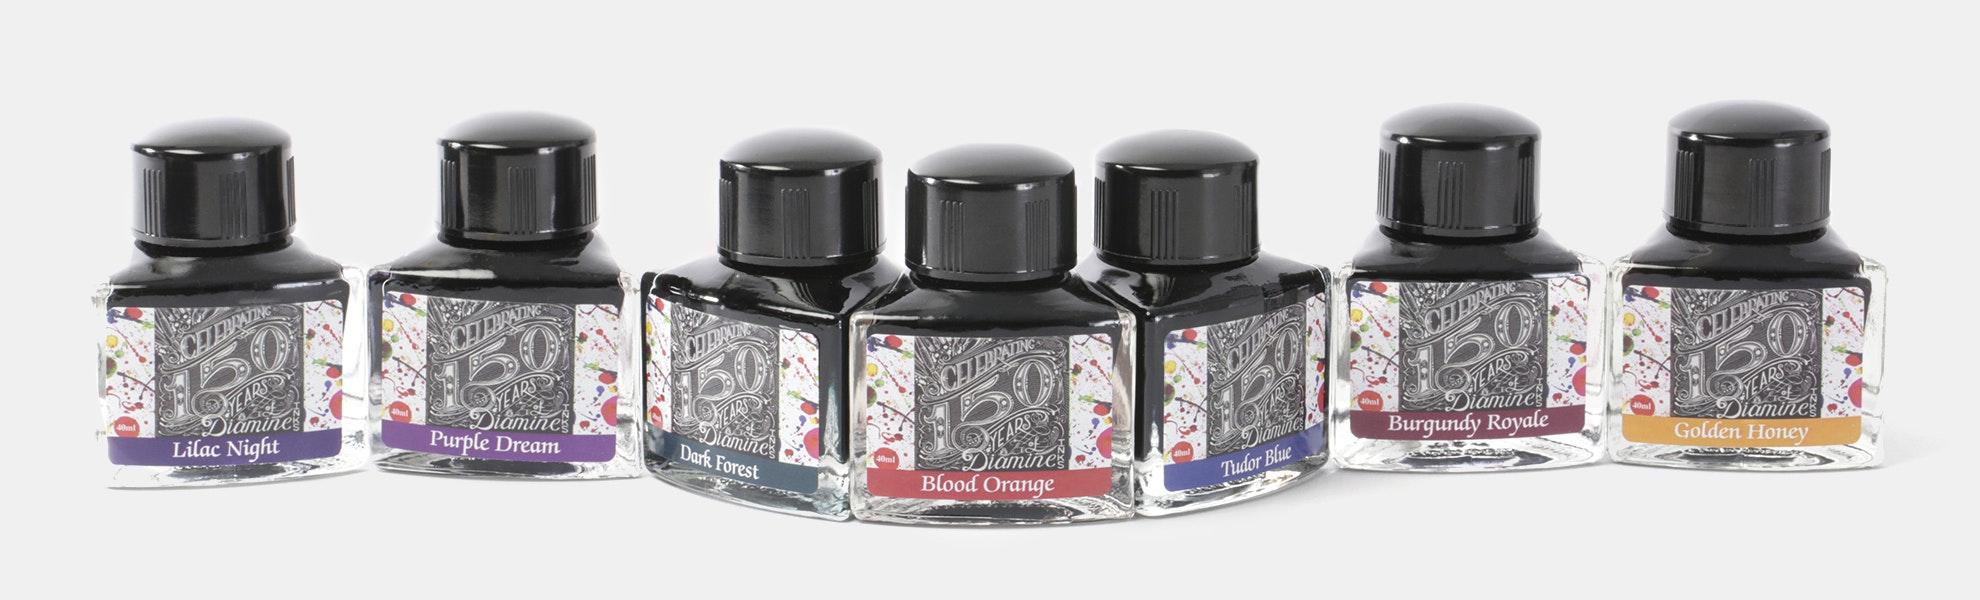 Diamine 150th Anniversary Ink (2-Pack)